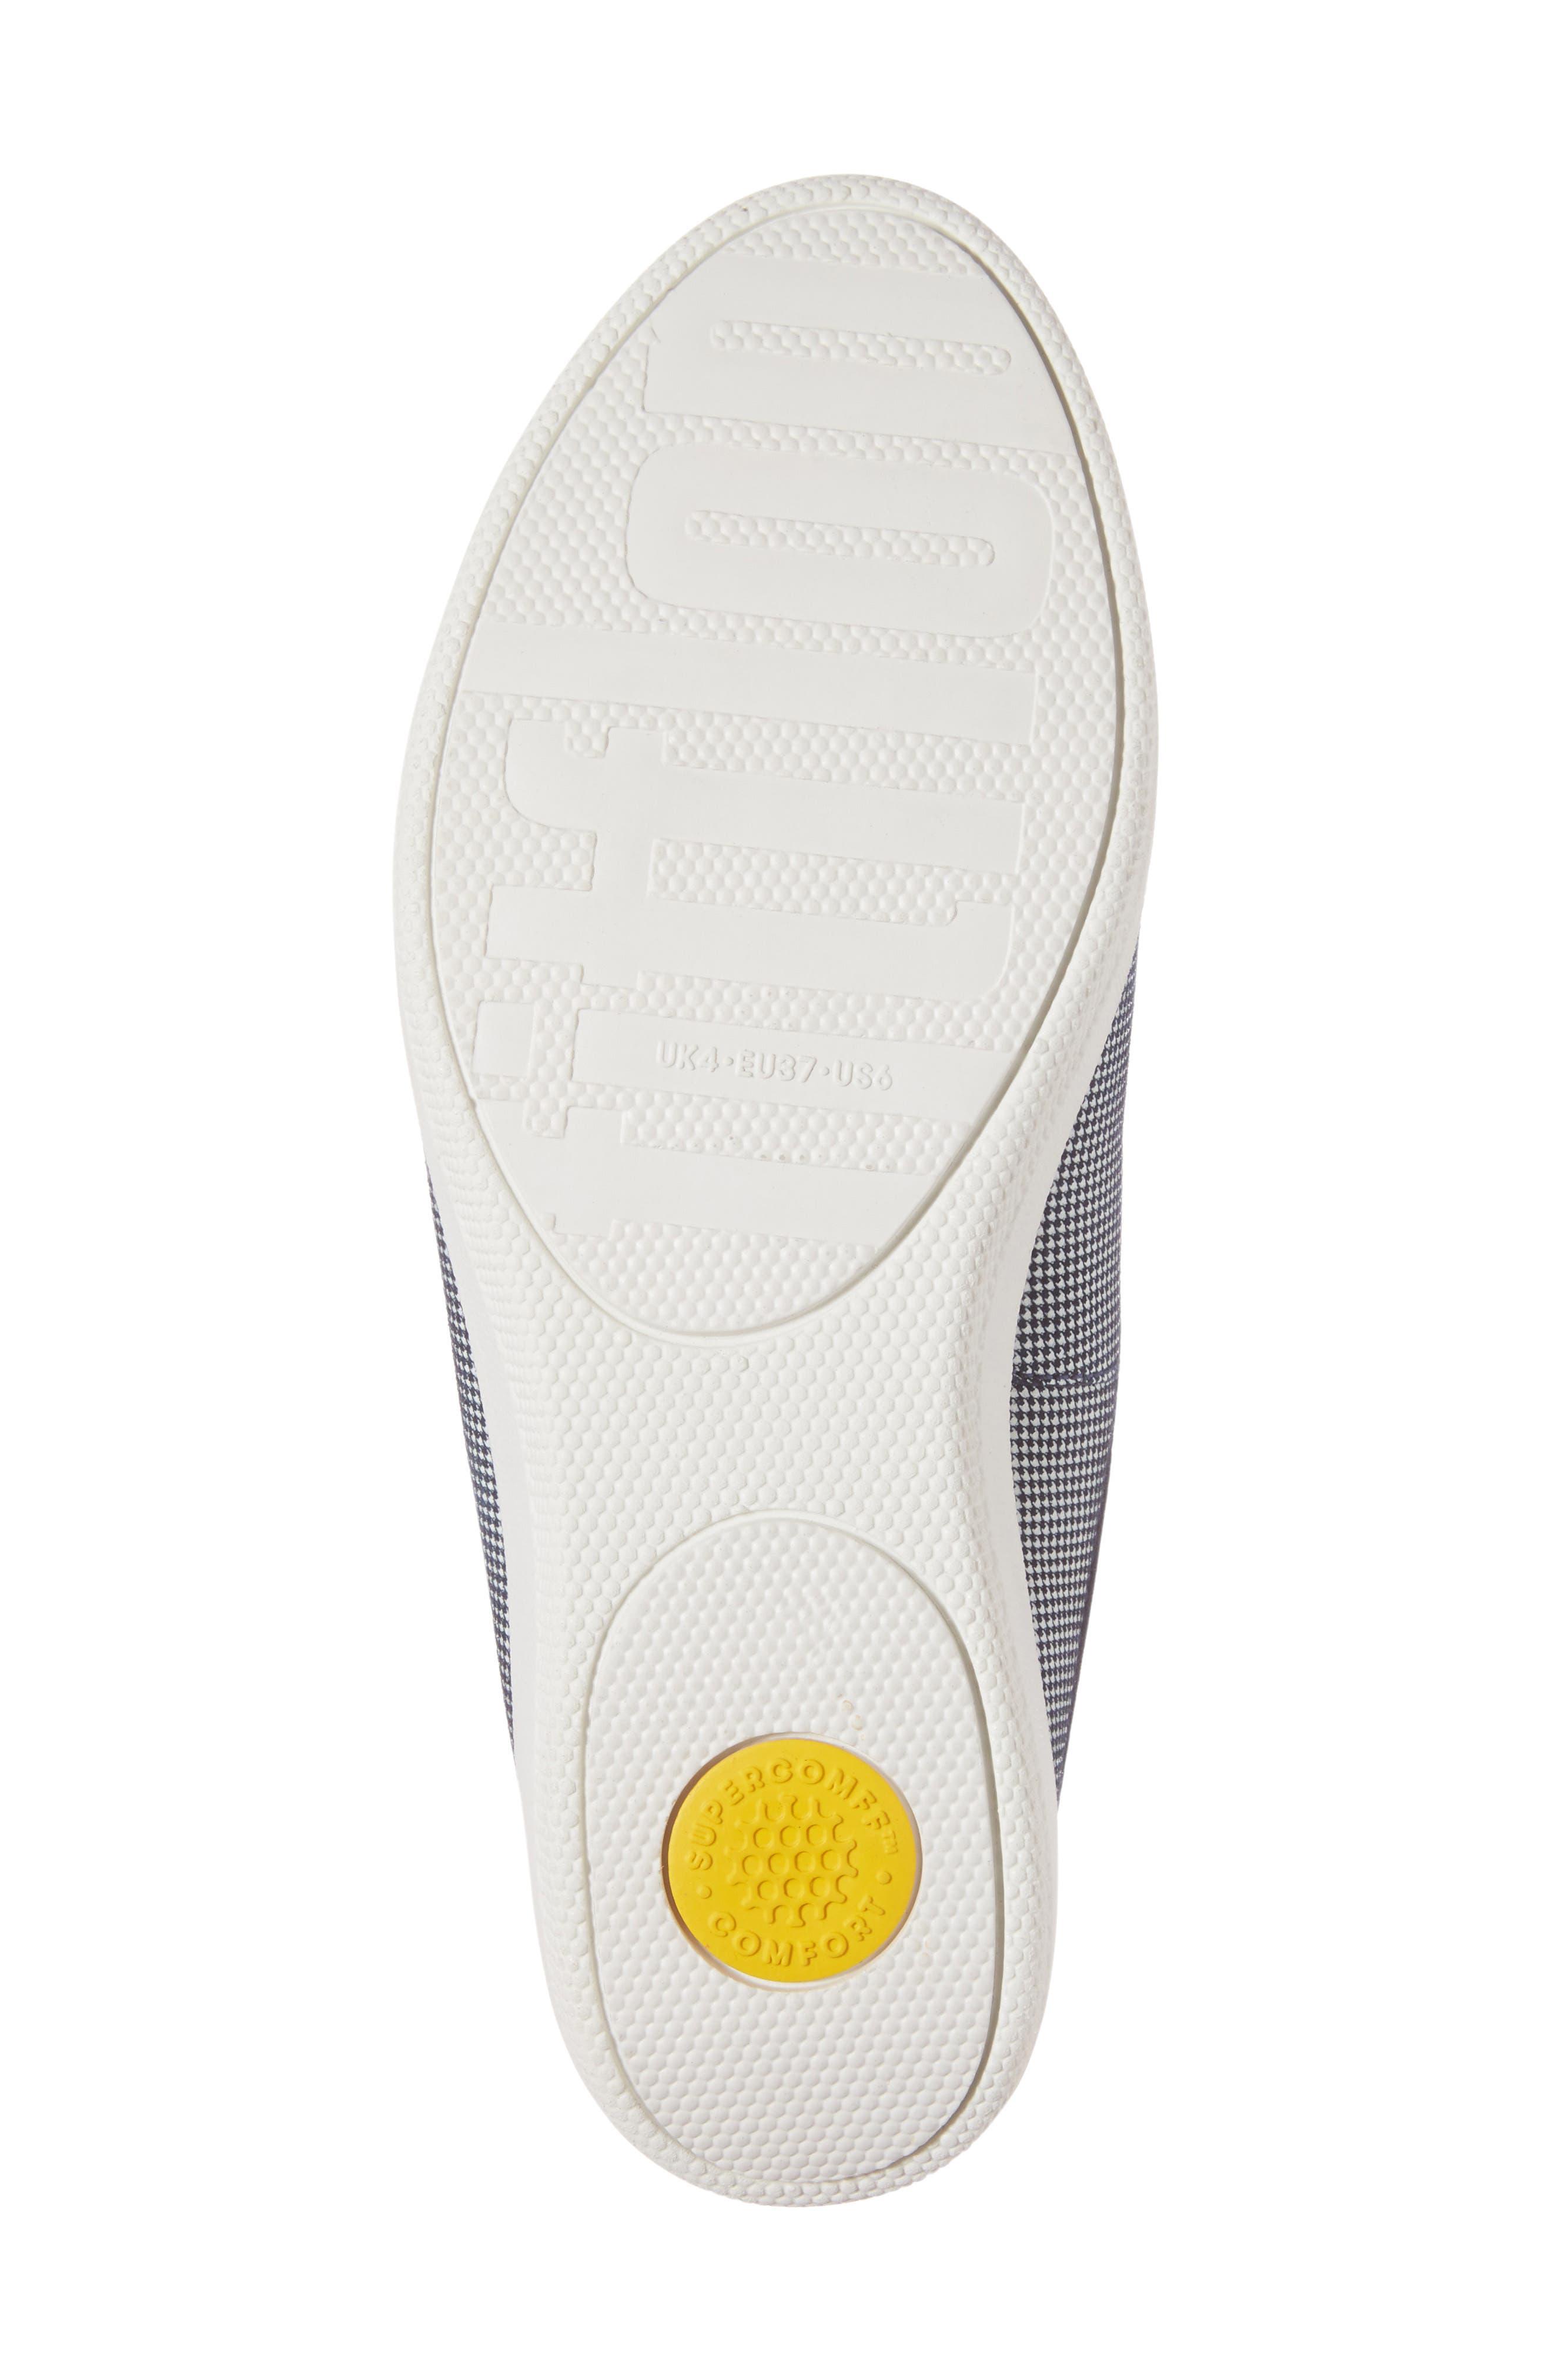 Superskate Slip-On Sneaker,                             Alternate thumbnail 23, color,